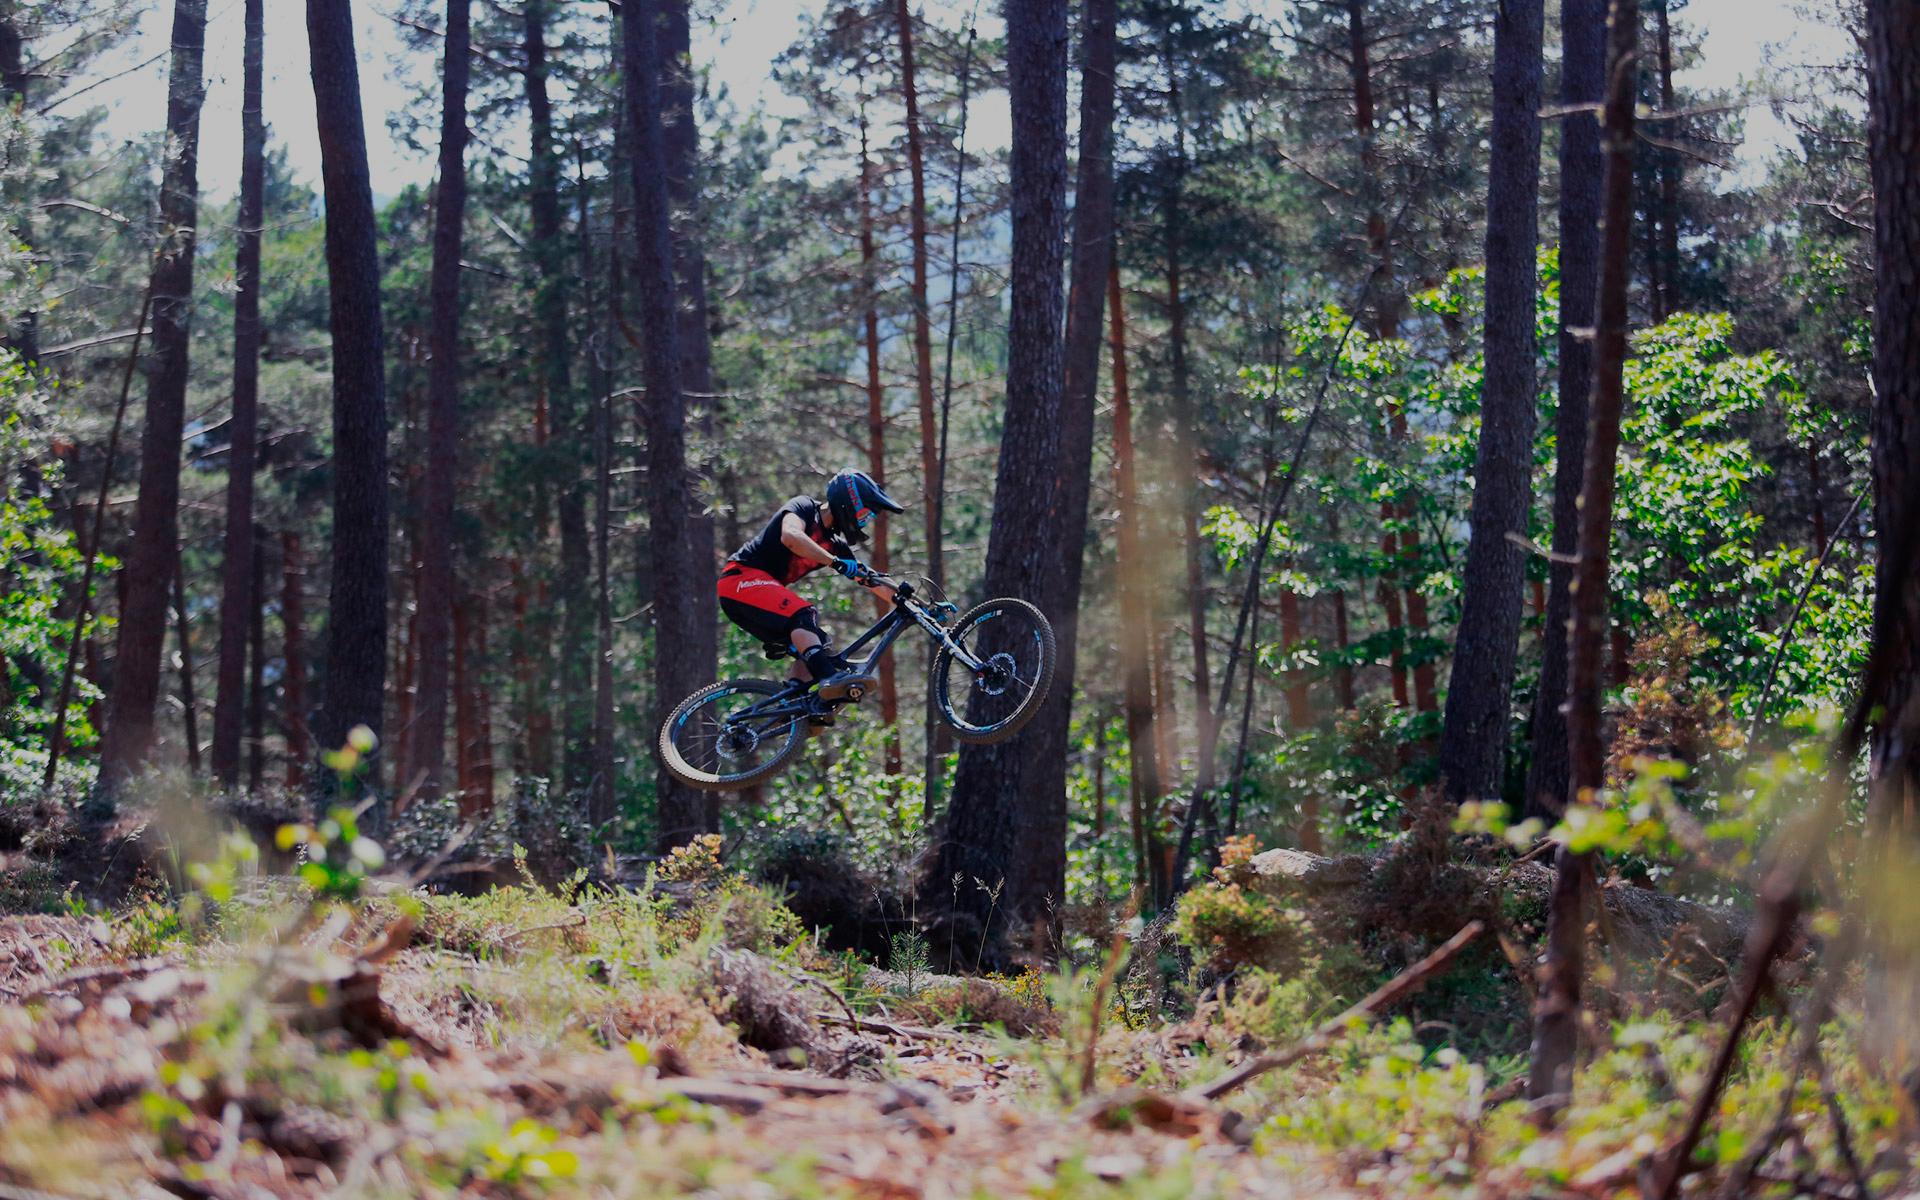 Pura adrenalina by Miranda Bike Parts